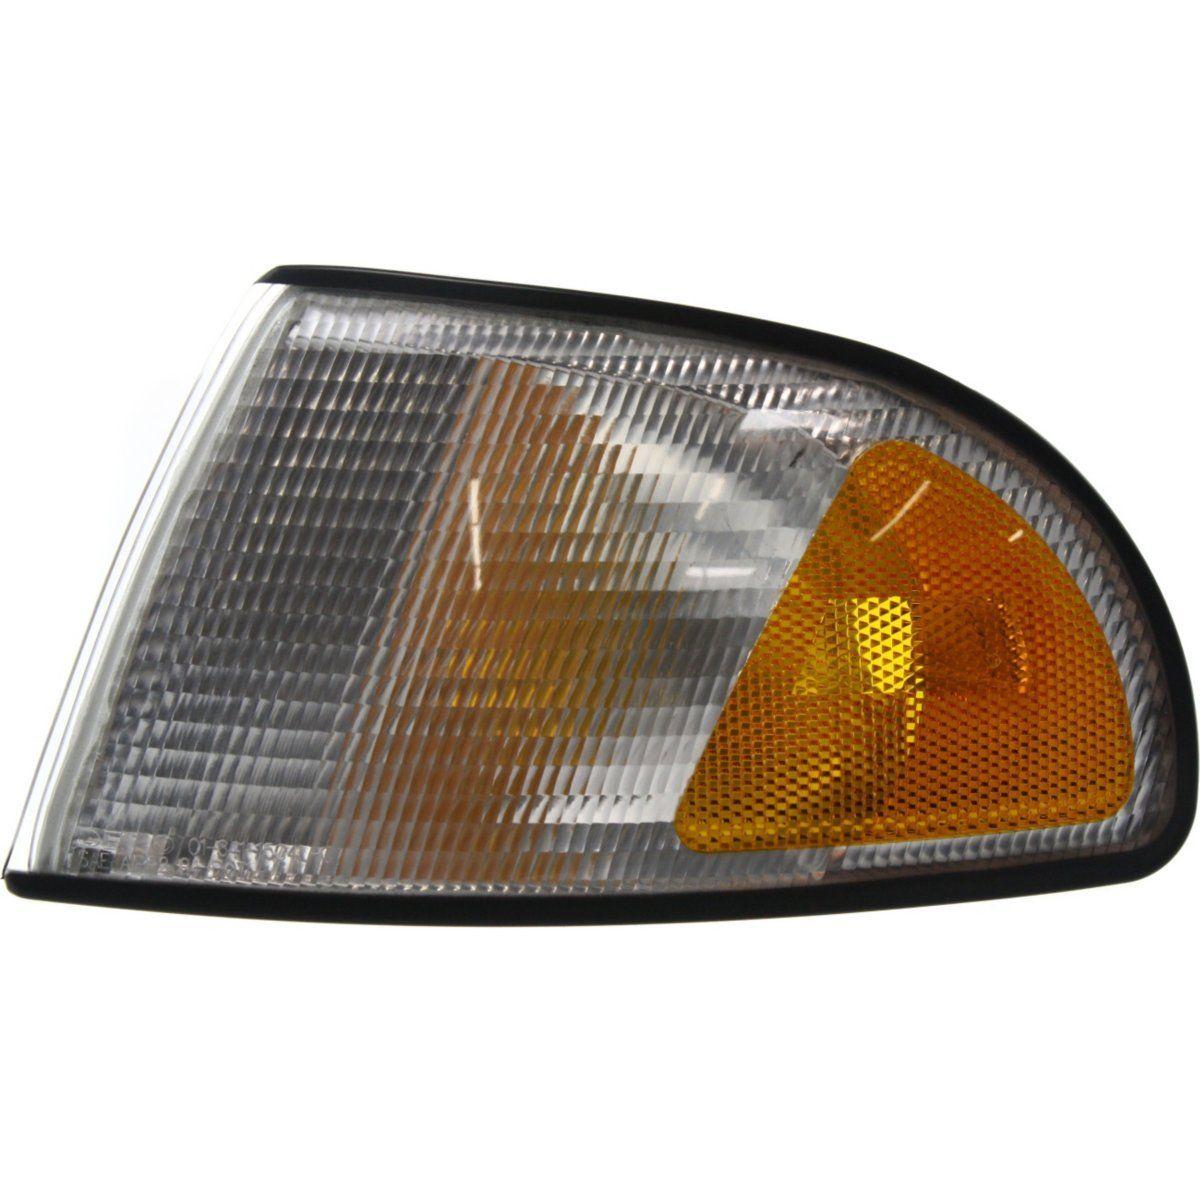 車用品・バイク用品 >> 車用品 >> パーツ >> ライト・ランプ >> その他 コーナーライト Corner Light For 96-99 Audi A4 Quattro A4 Driver Side Incandescent コーナーライト96-99用Audi A4 Quattro A4ドライバーサイド白熱灯